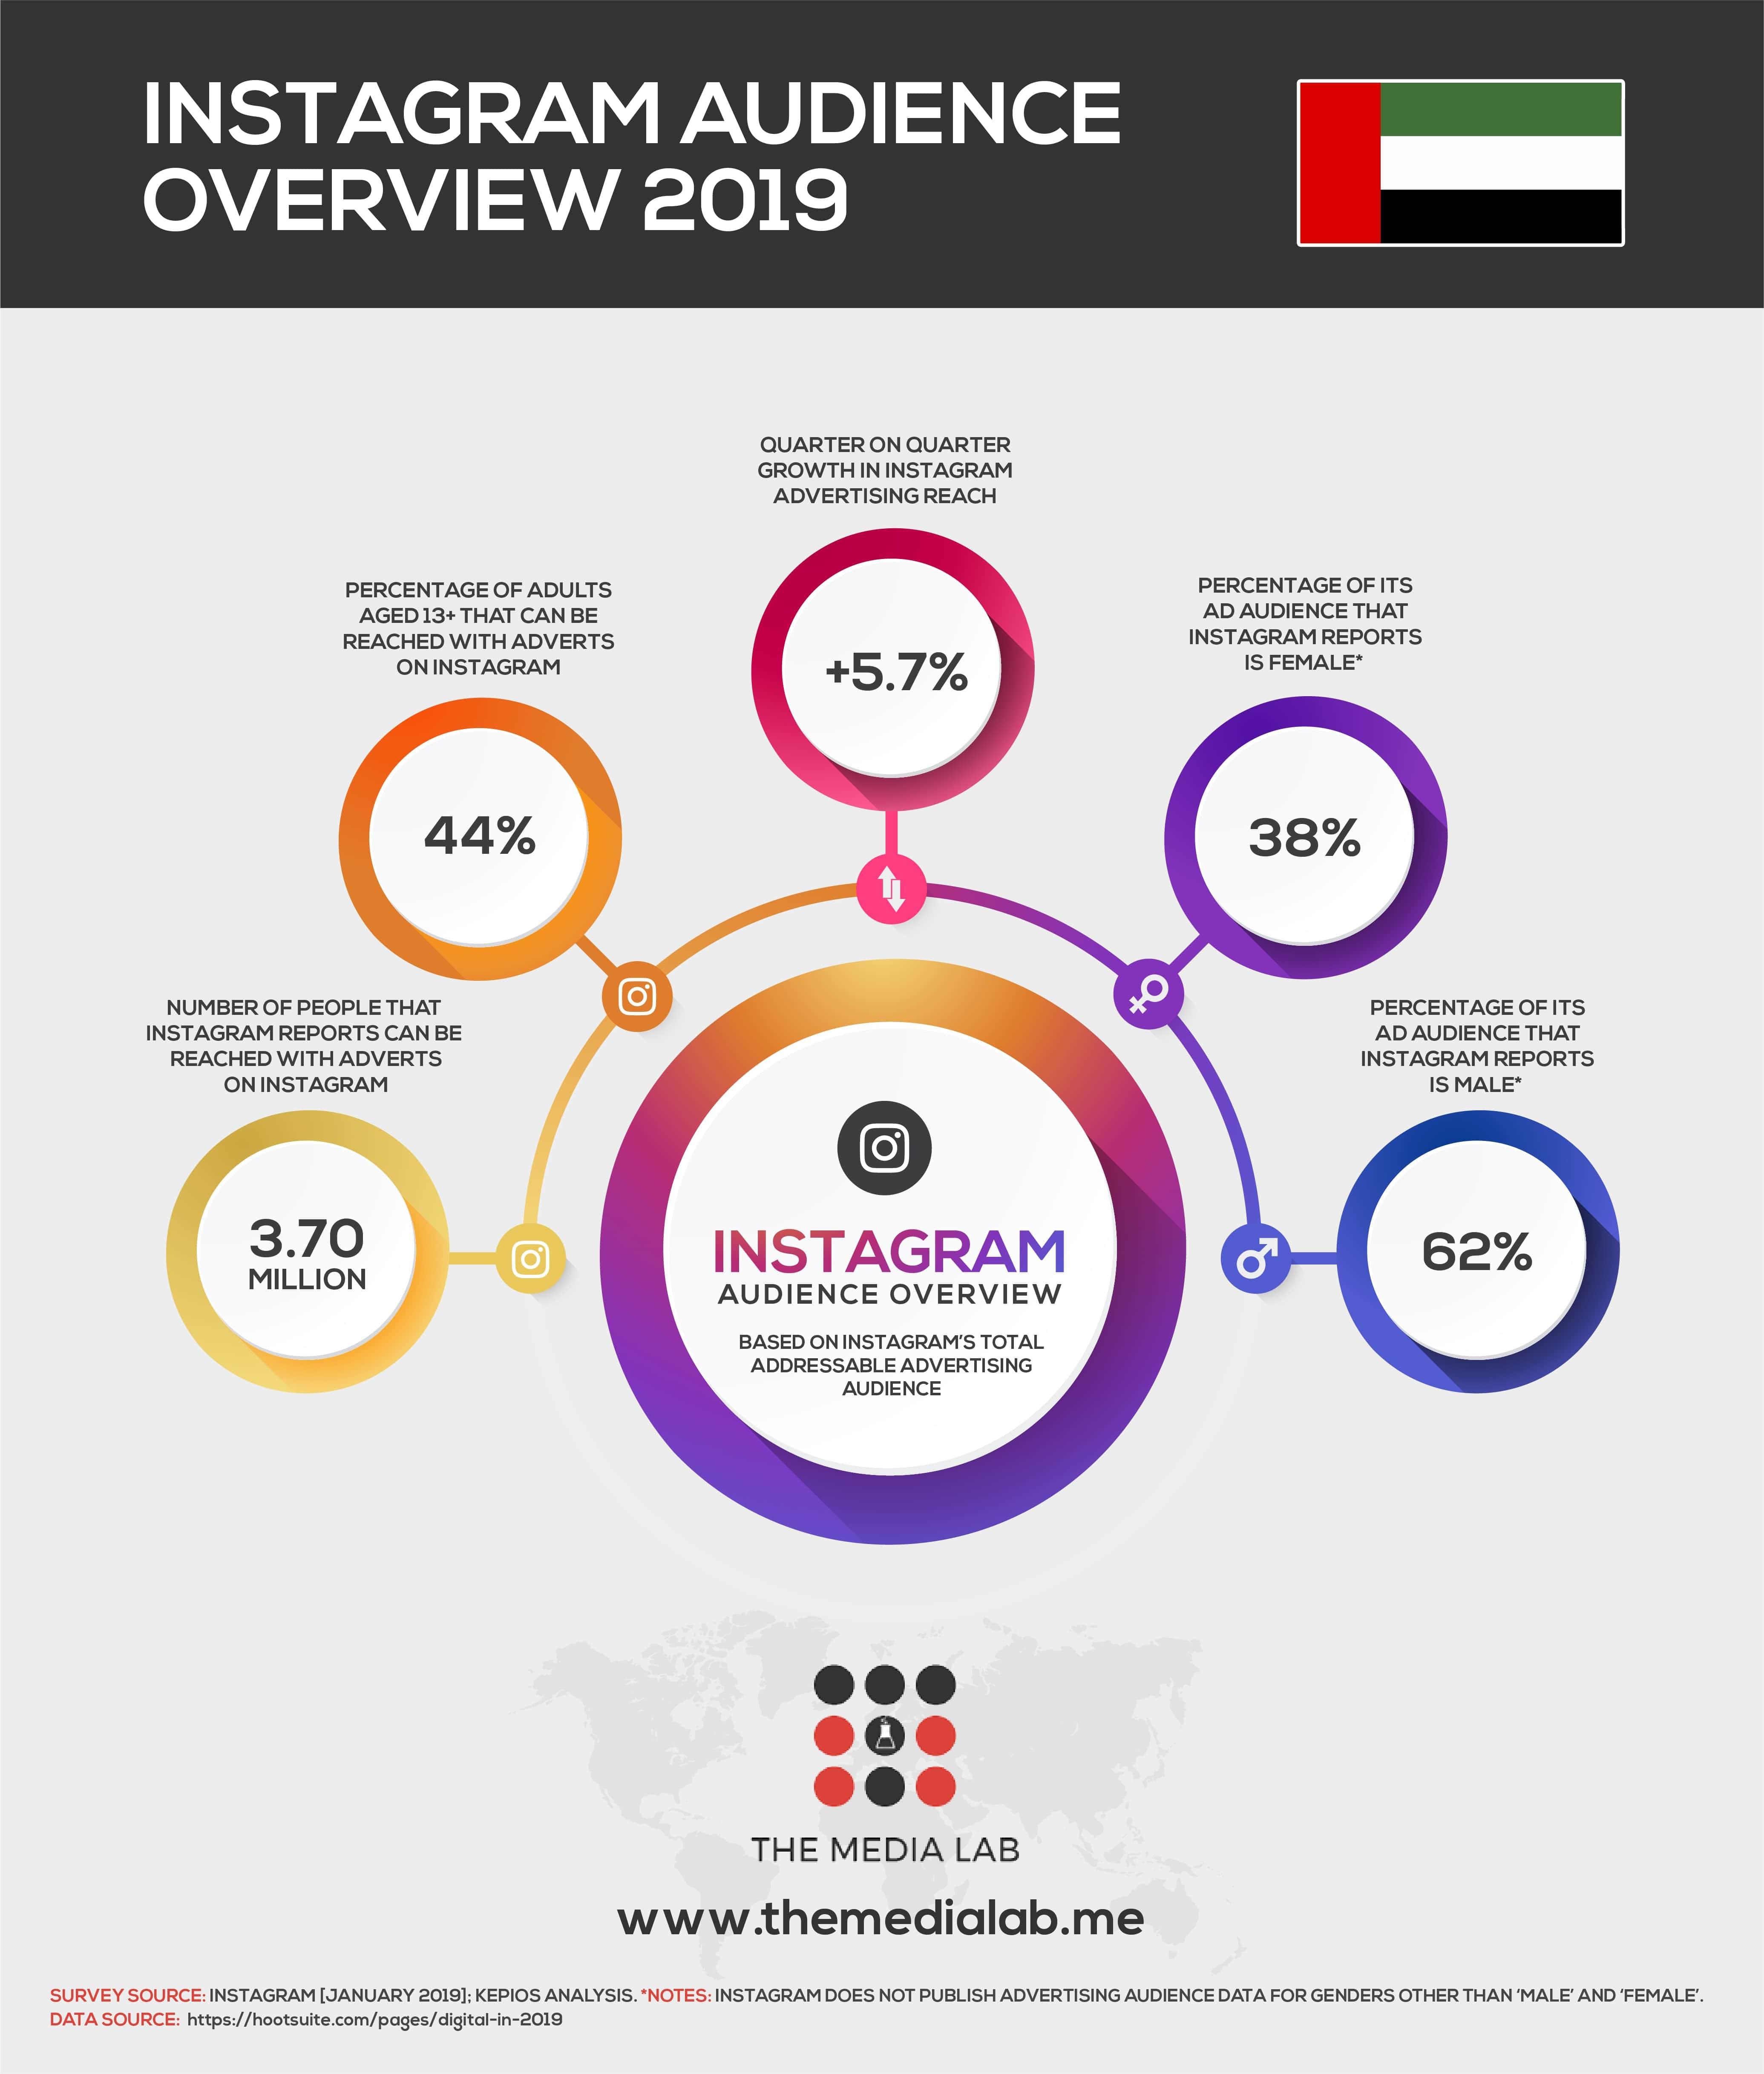 INSTAGRAM users in UAE 2019